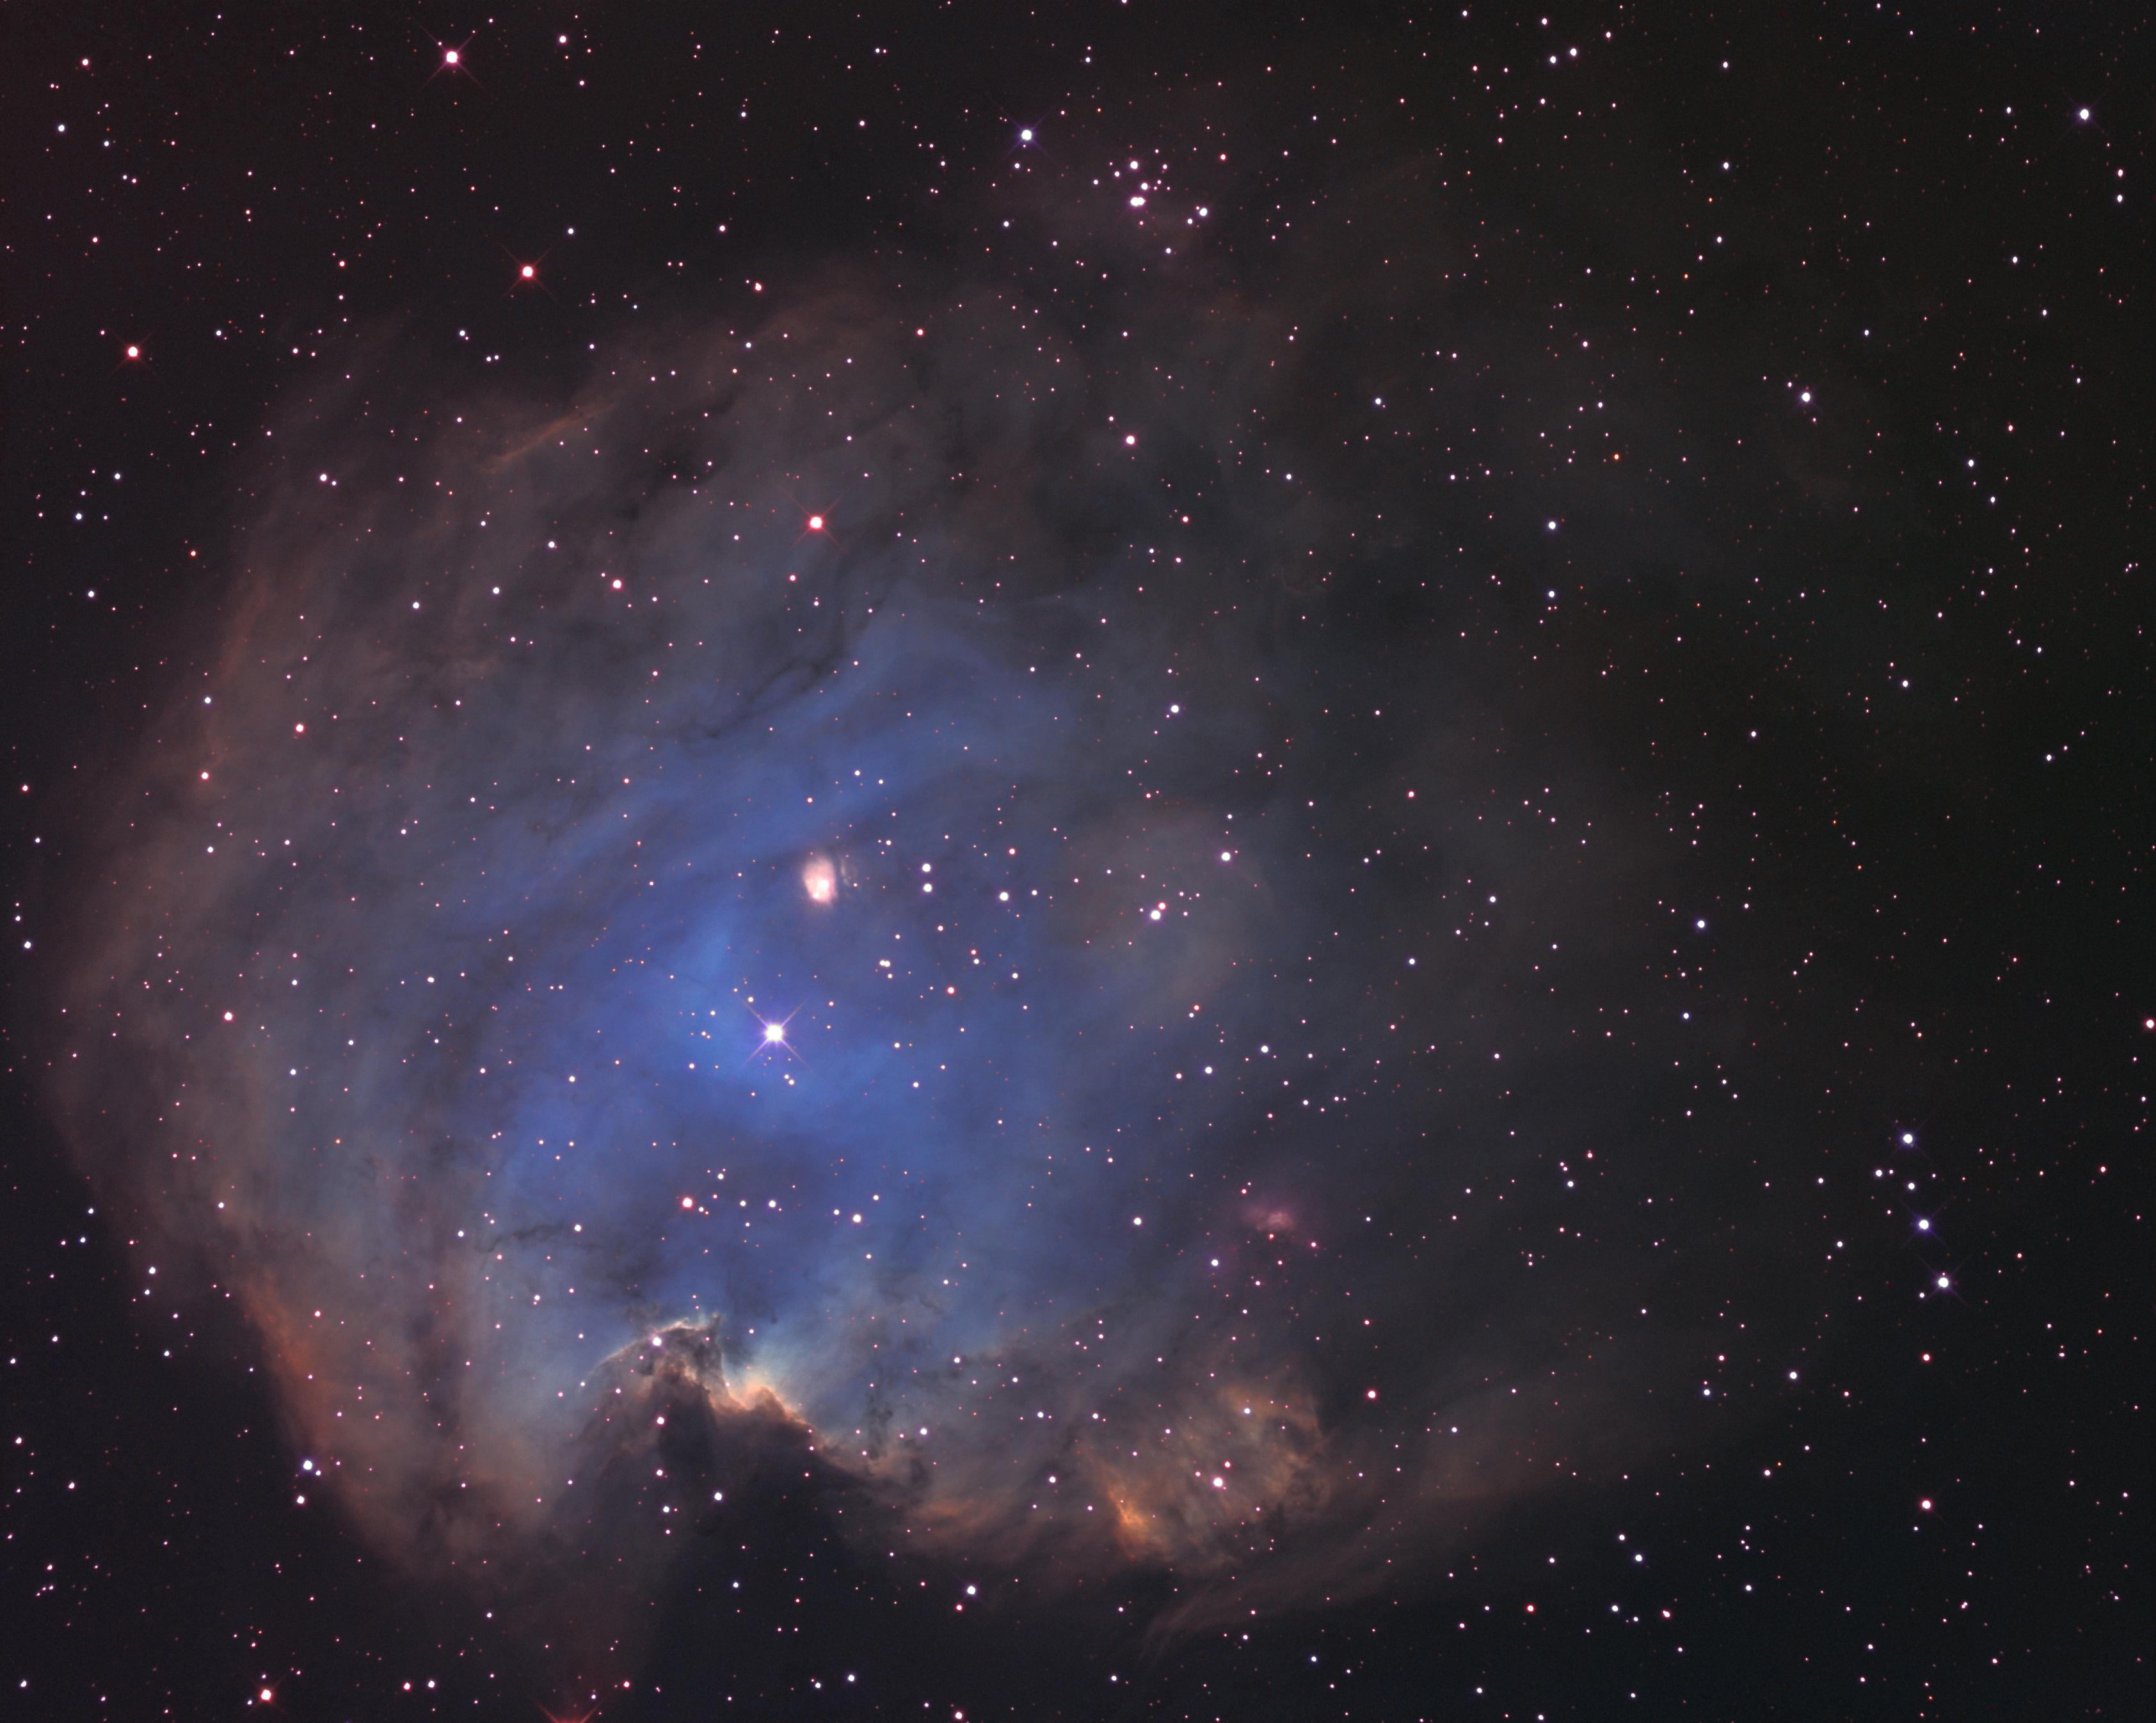 Nébuleuse de la tête de singe NGC 2175